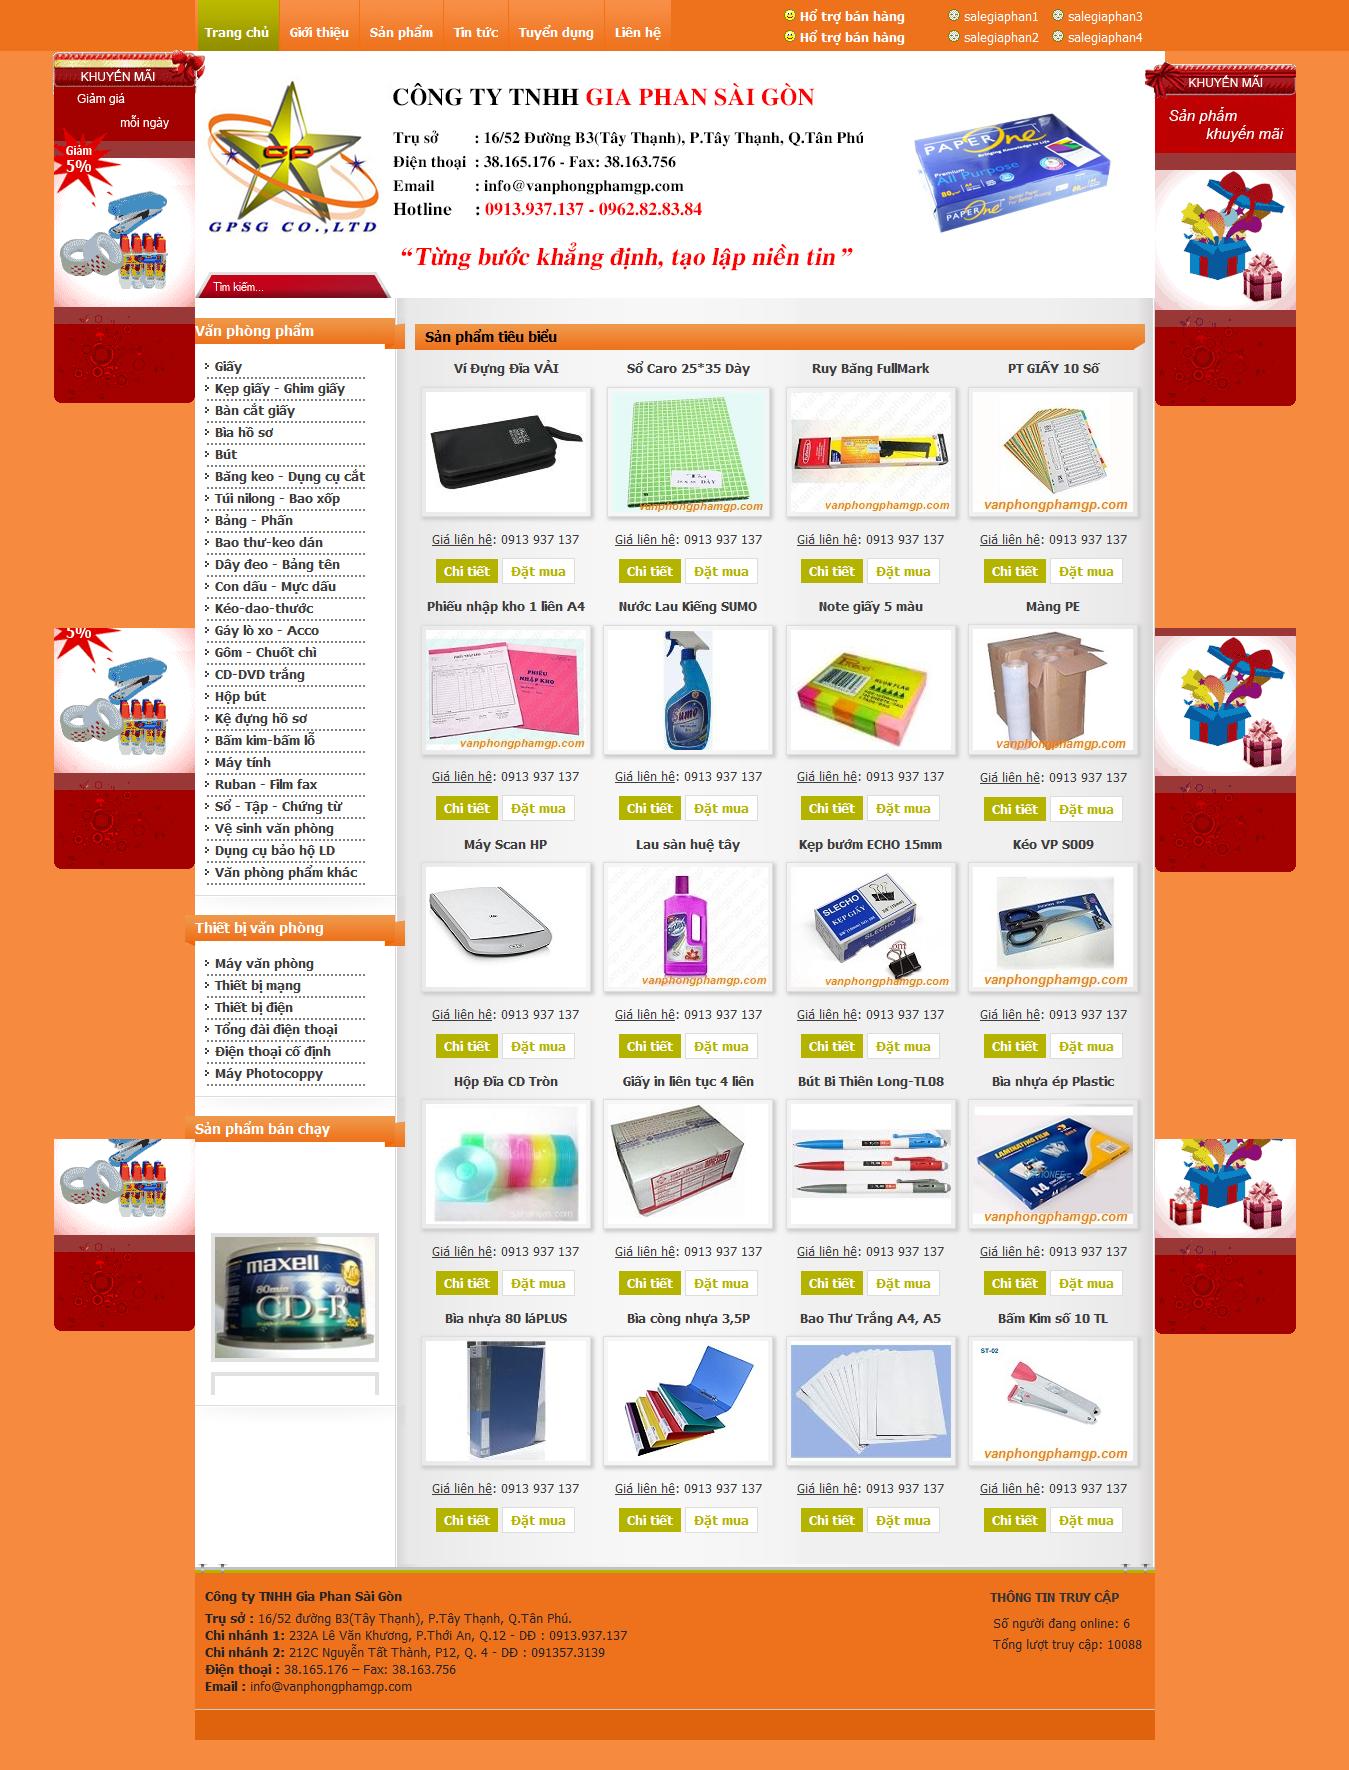 Mẫu website văn phòng phẩm 10485